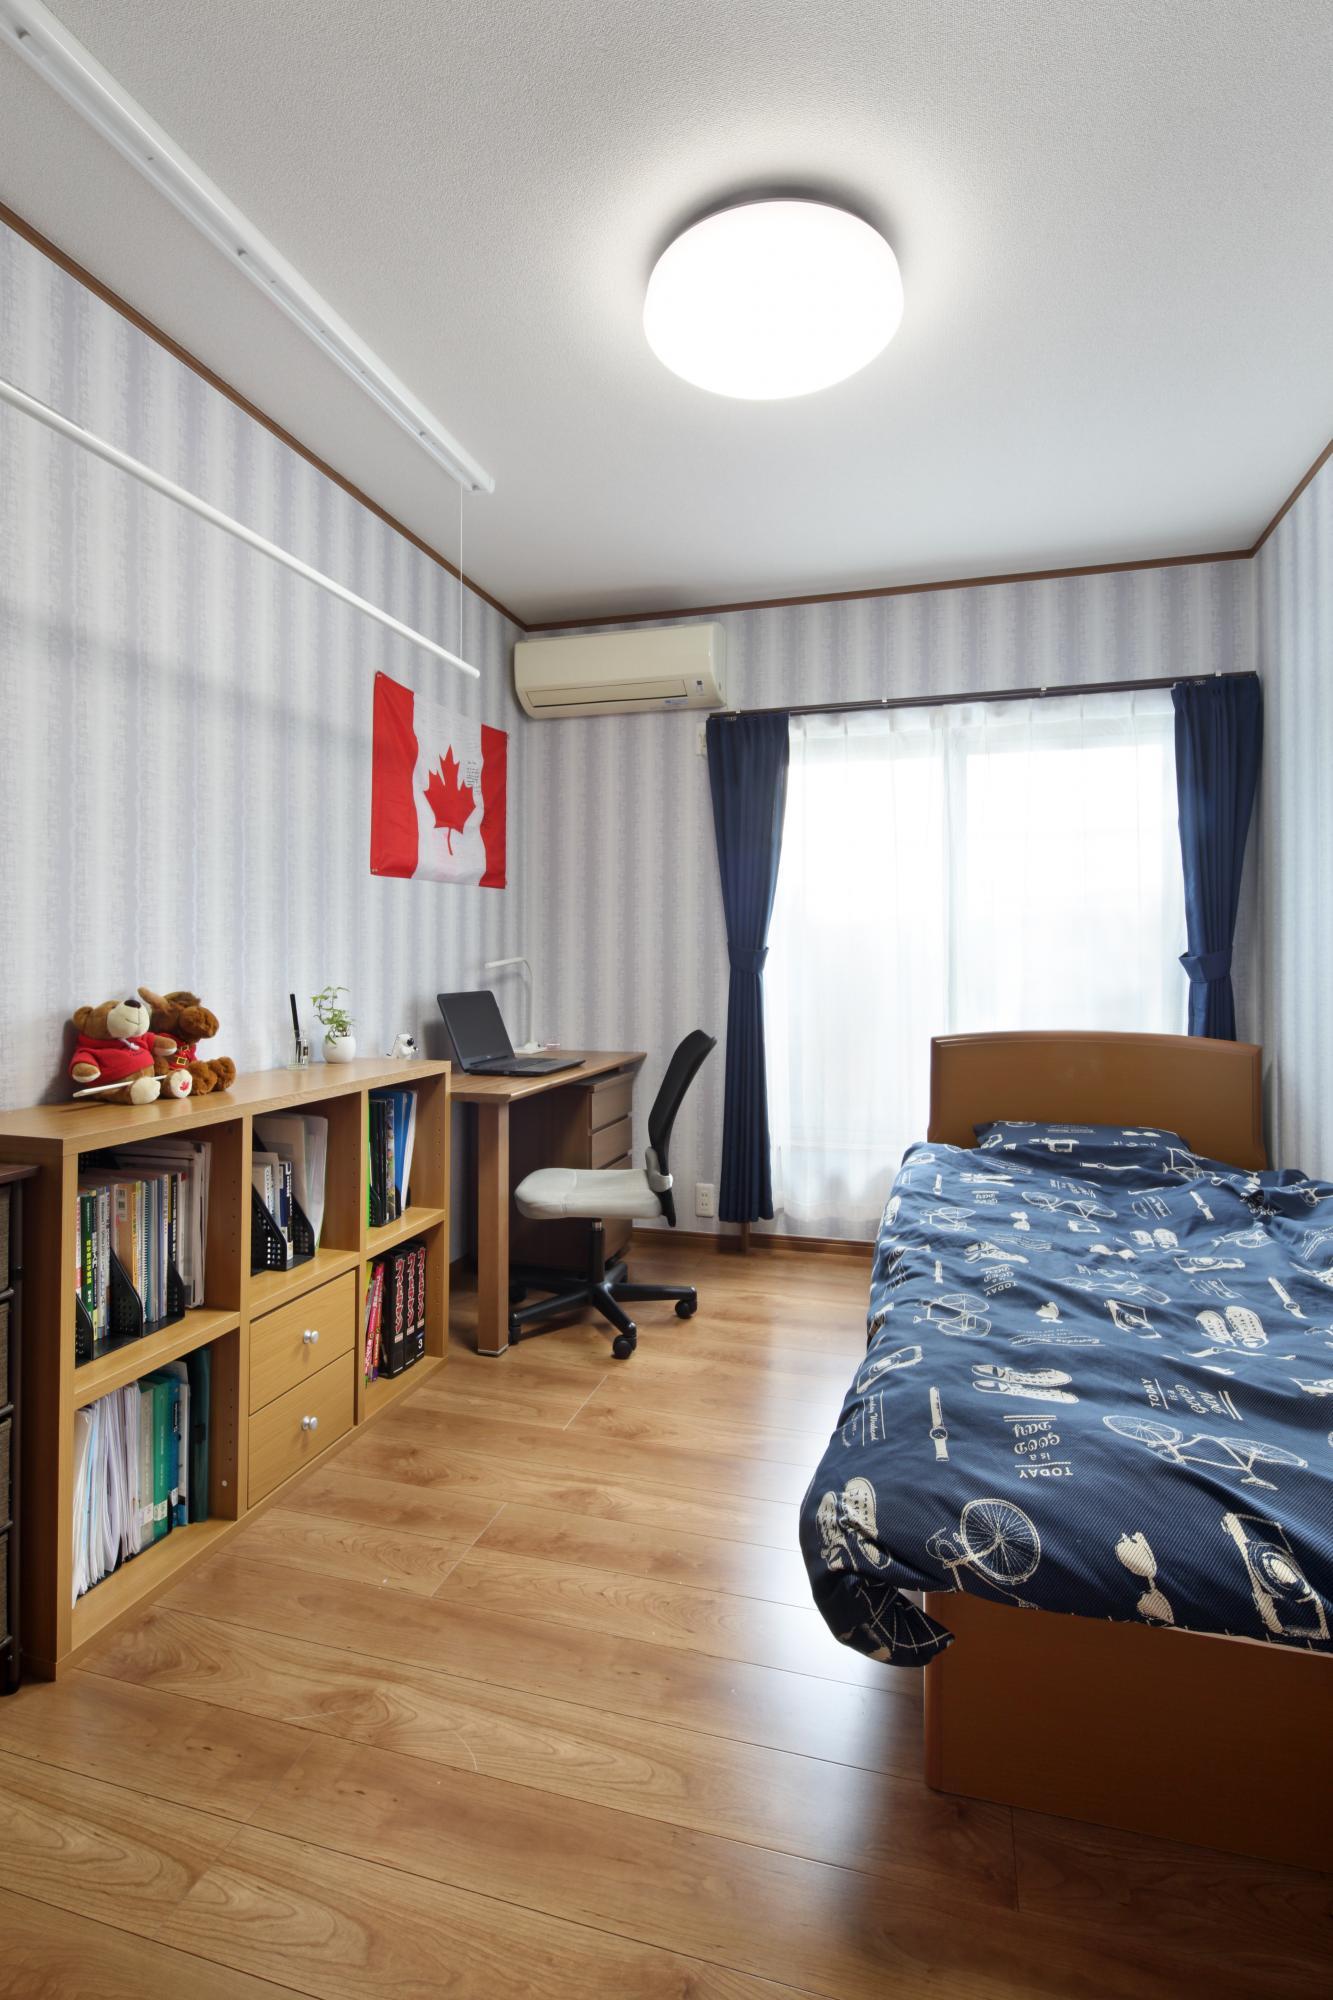 プライベートを守るために窓をなくして壁一面に。 新しくなった洋室に「留学時代の友人を日本に呼んでみたい」と、お子様ご自慢のお部屋に